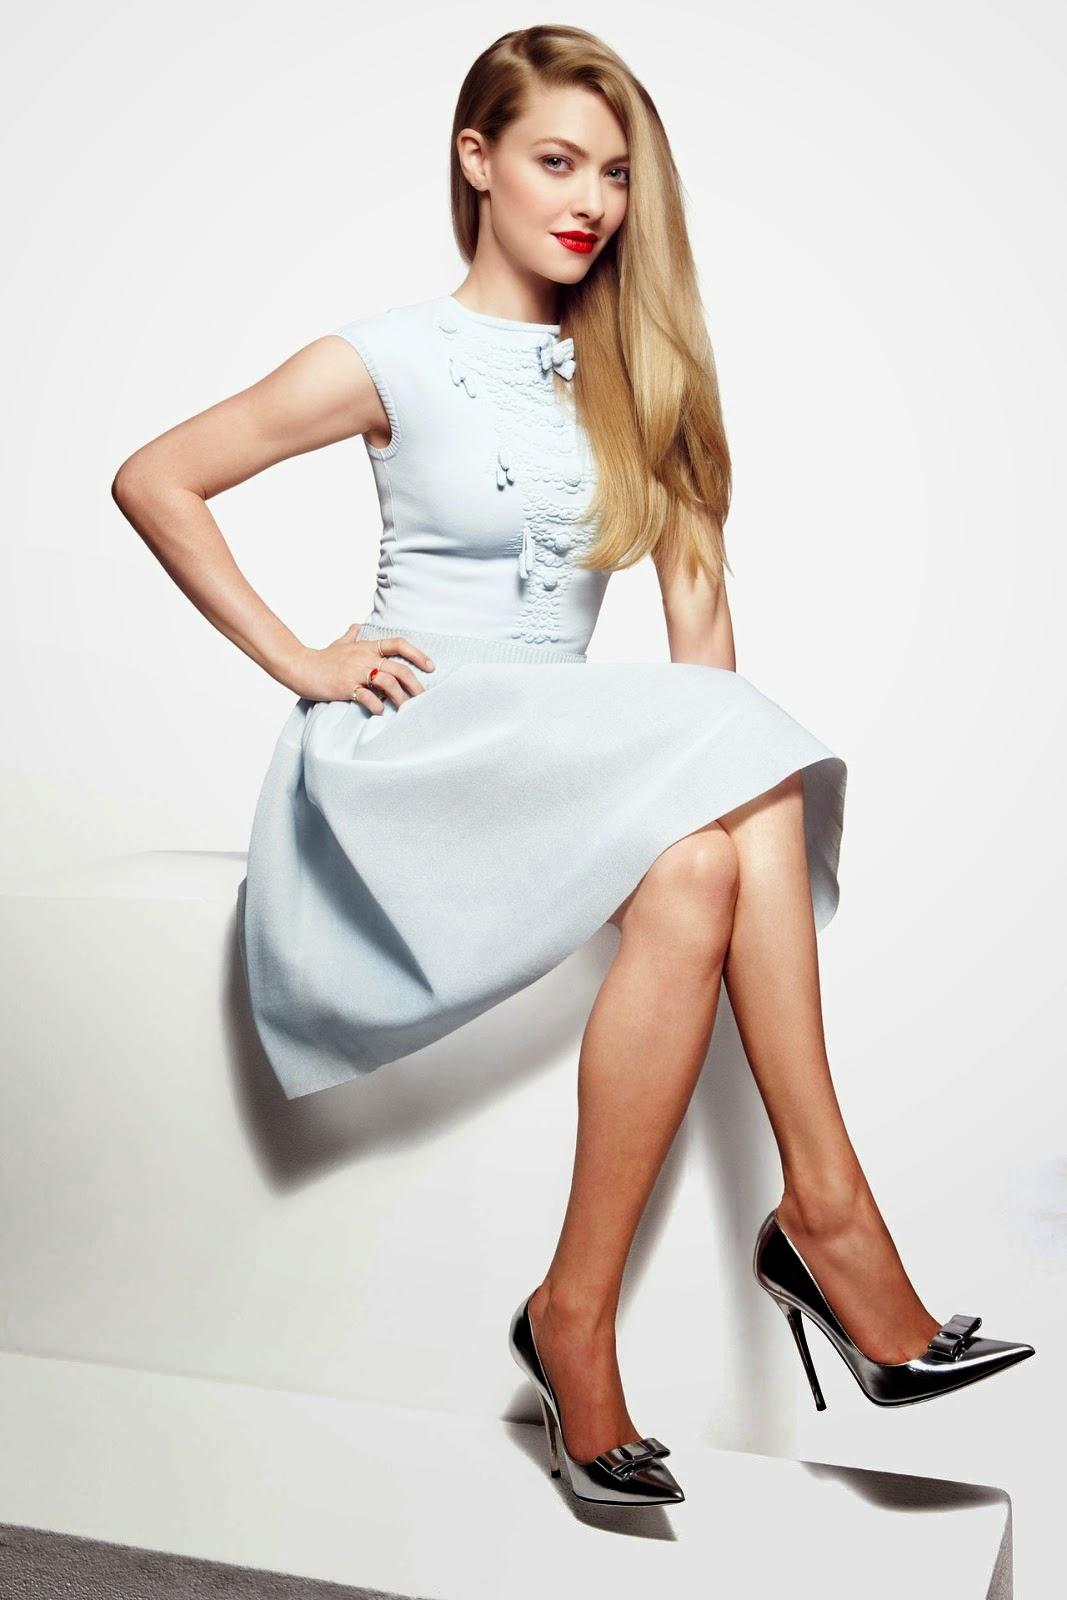 Amanda Seyfreid classy babe with sexy legs